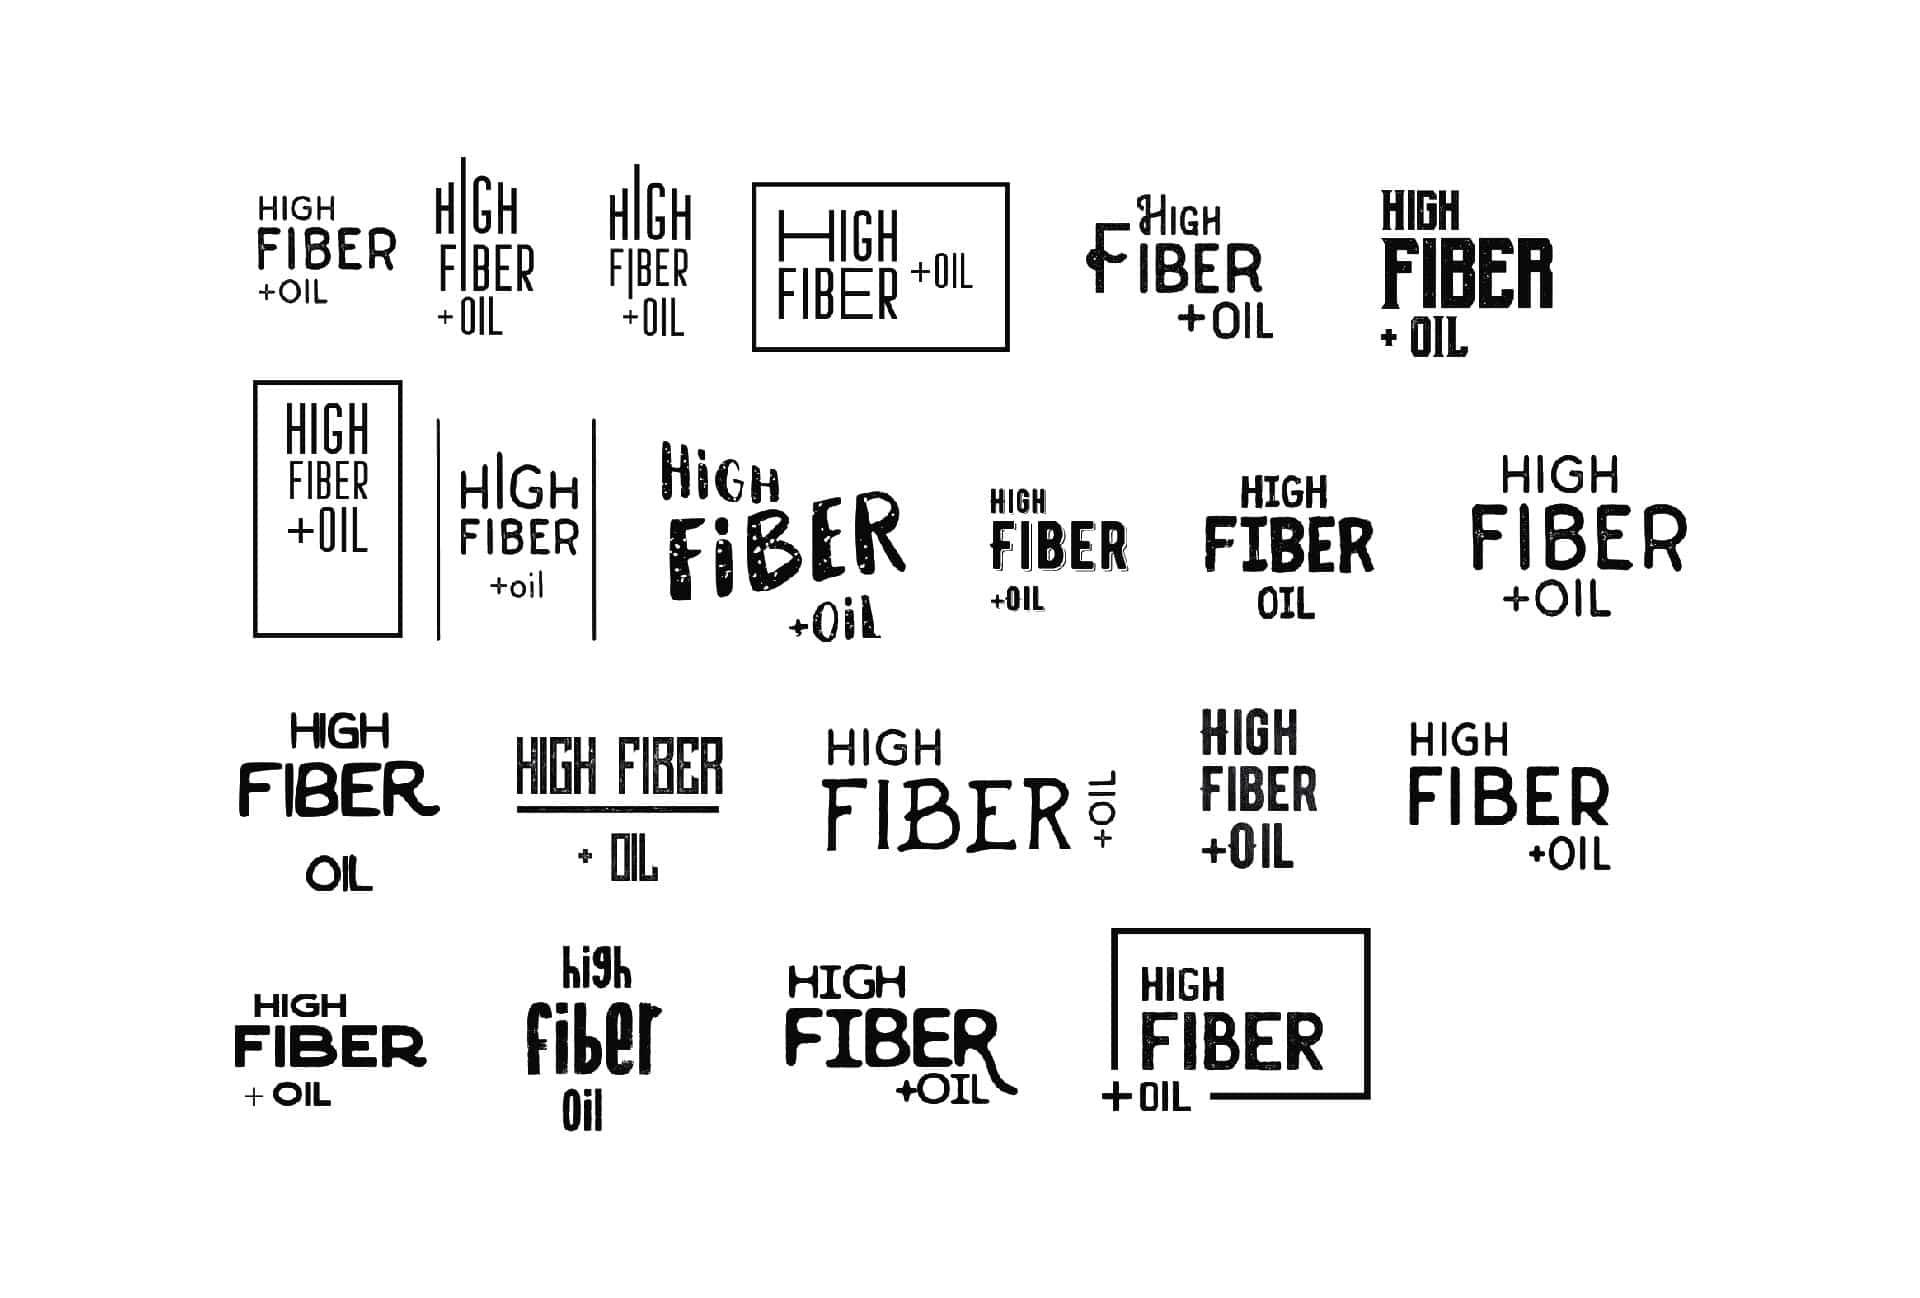 Recherche de logos pour l'aliment High Fiber